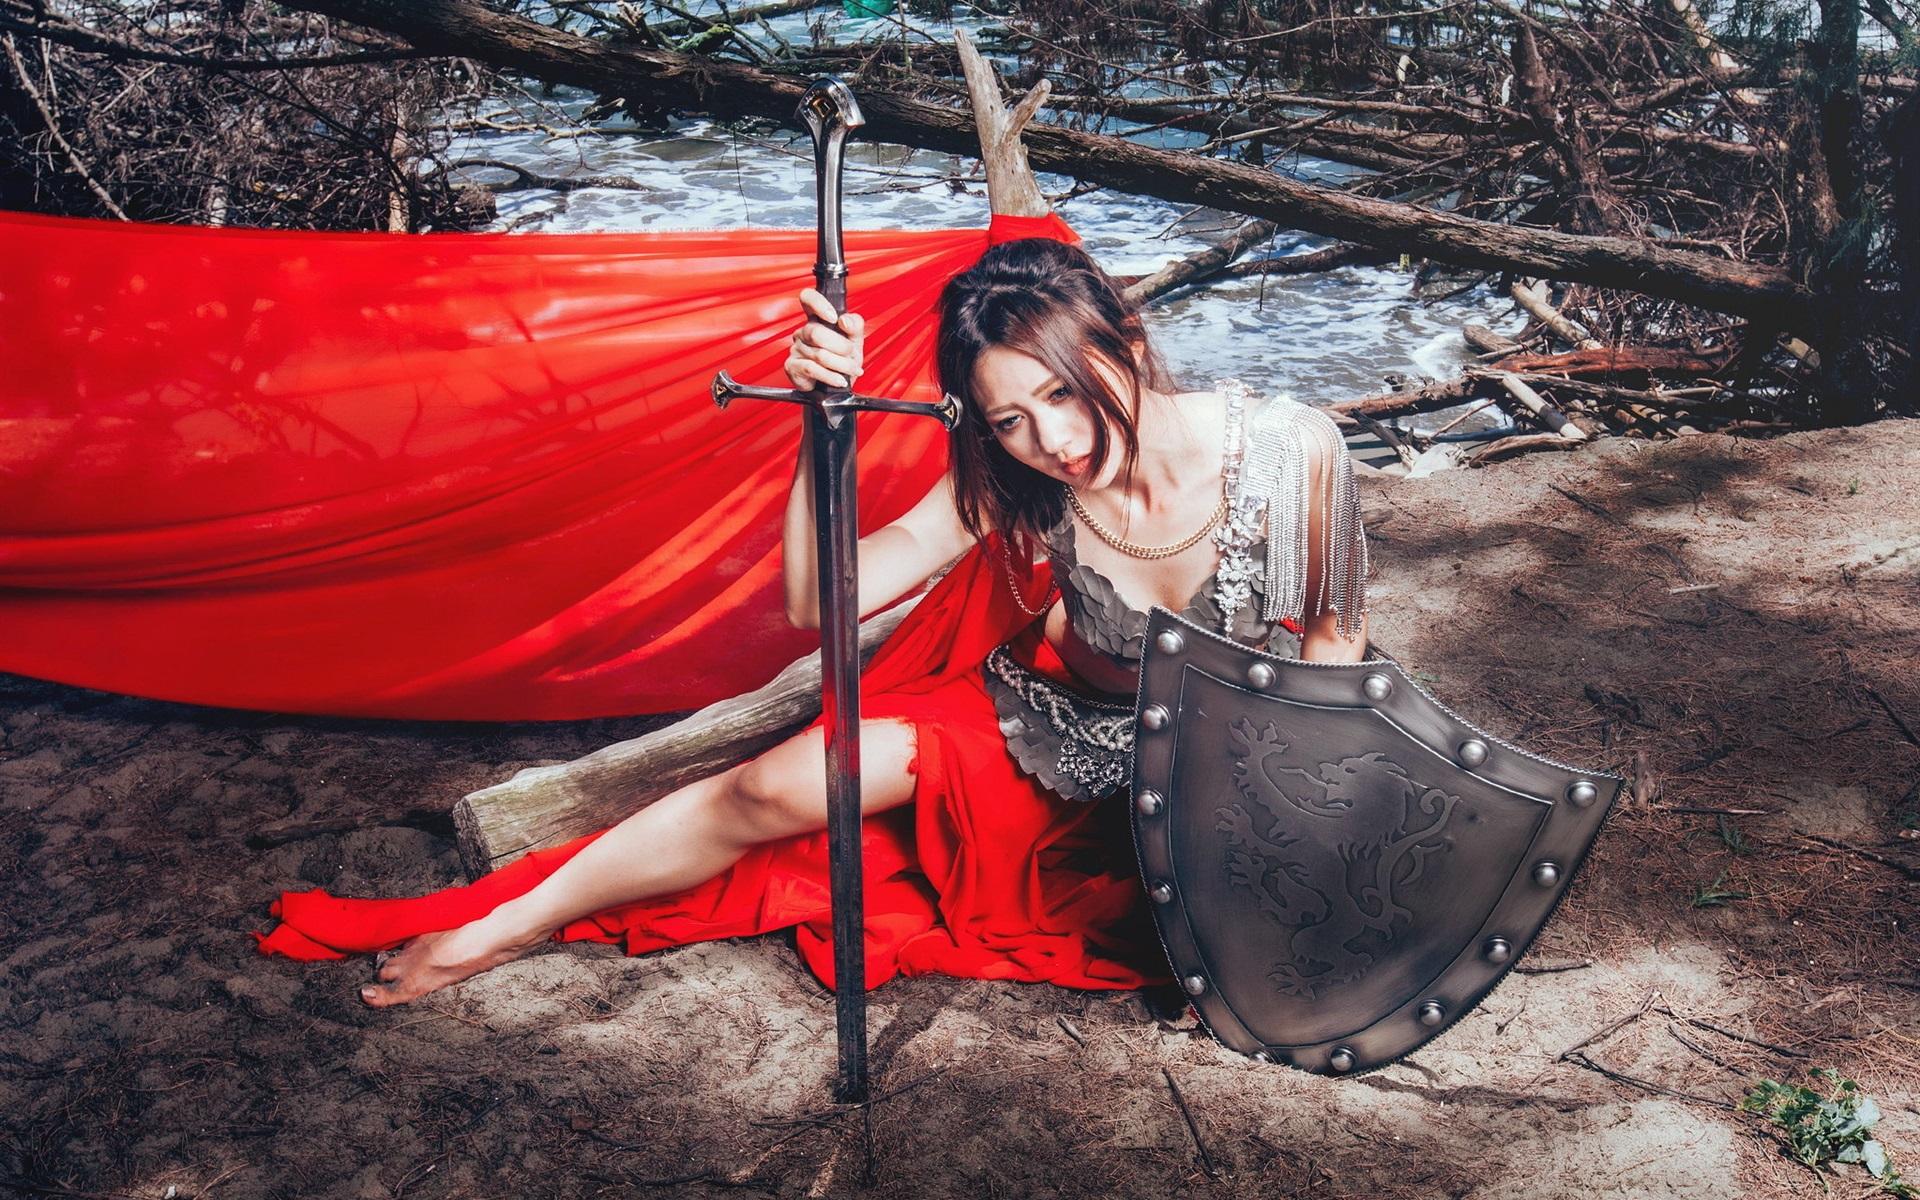 Девушка с мечом фотосессия, пацан кончает подсматривая за телкой